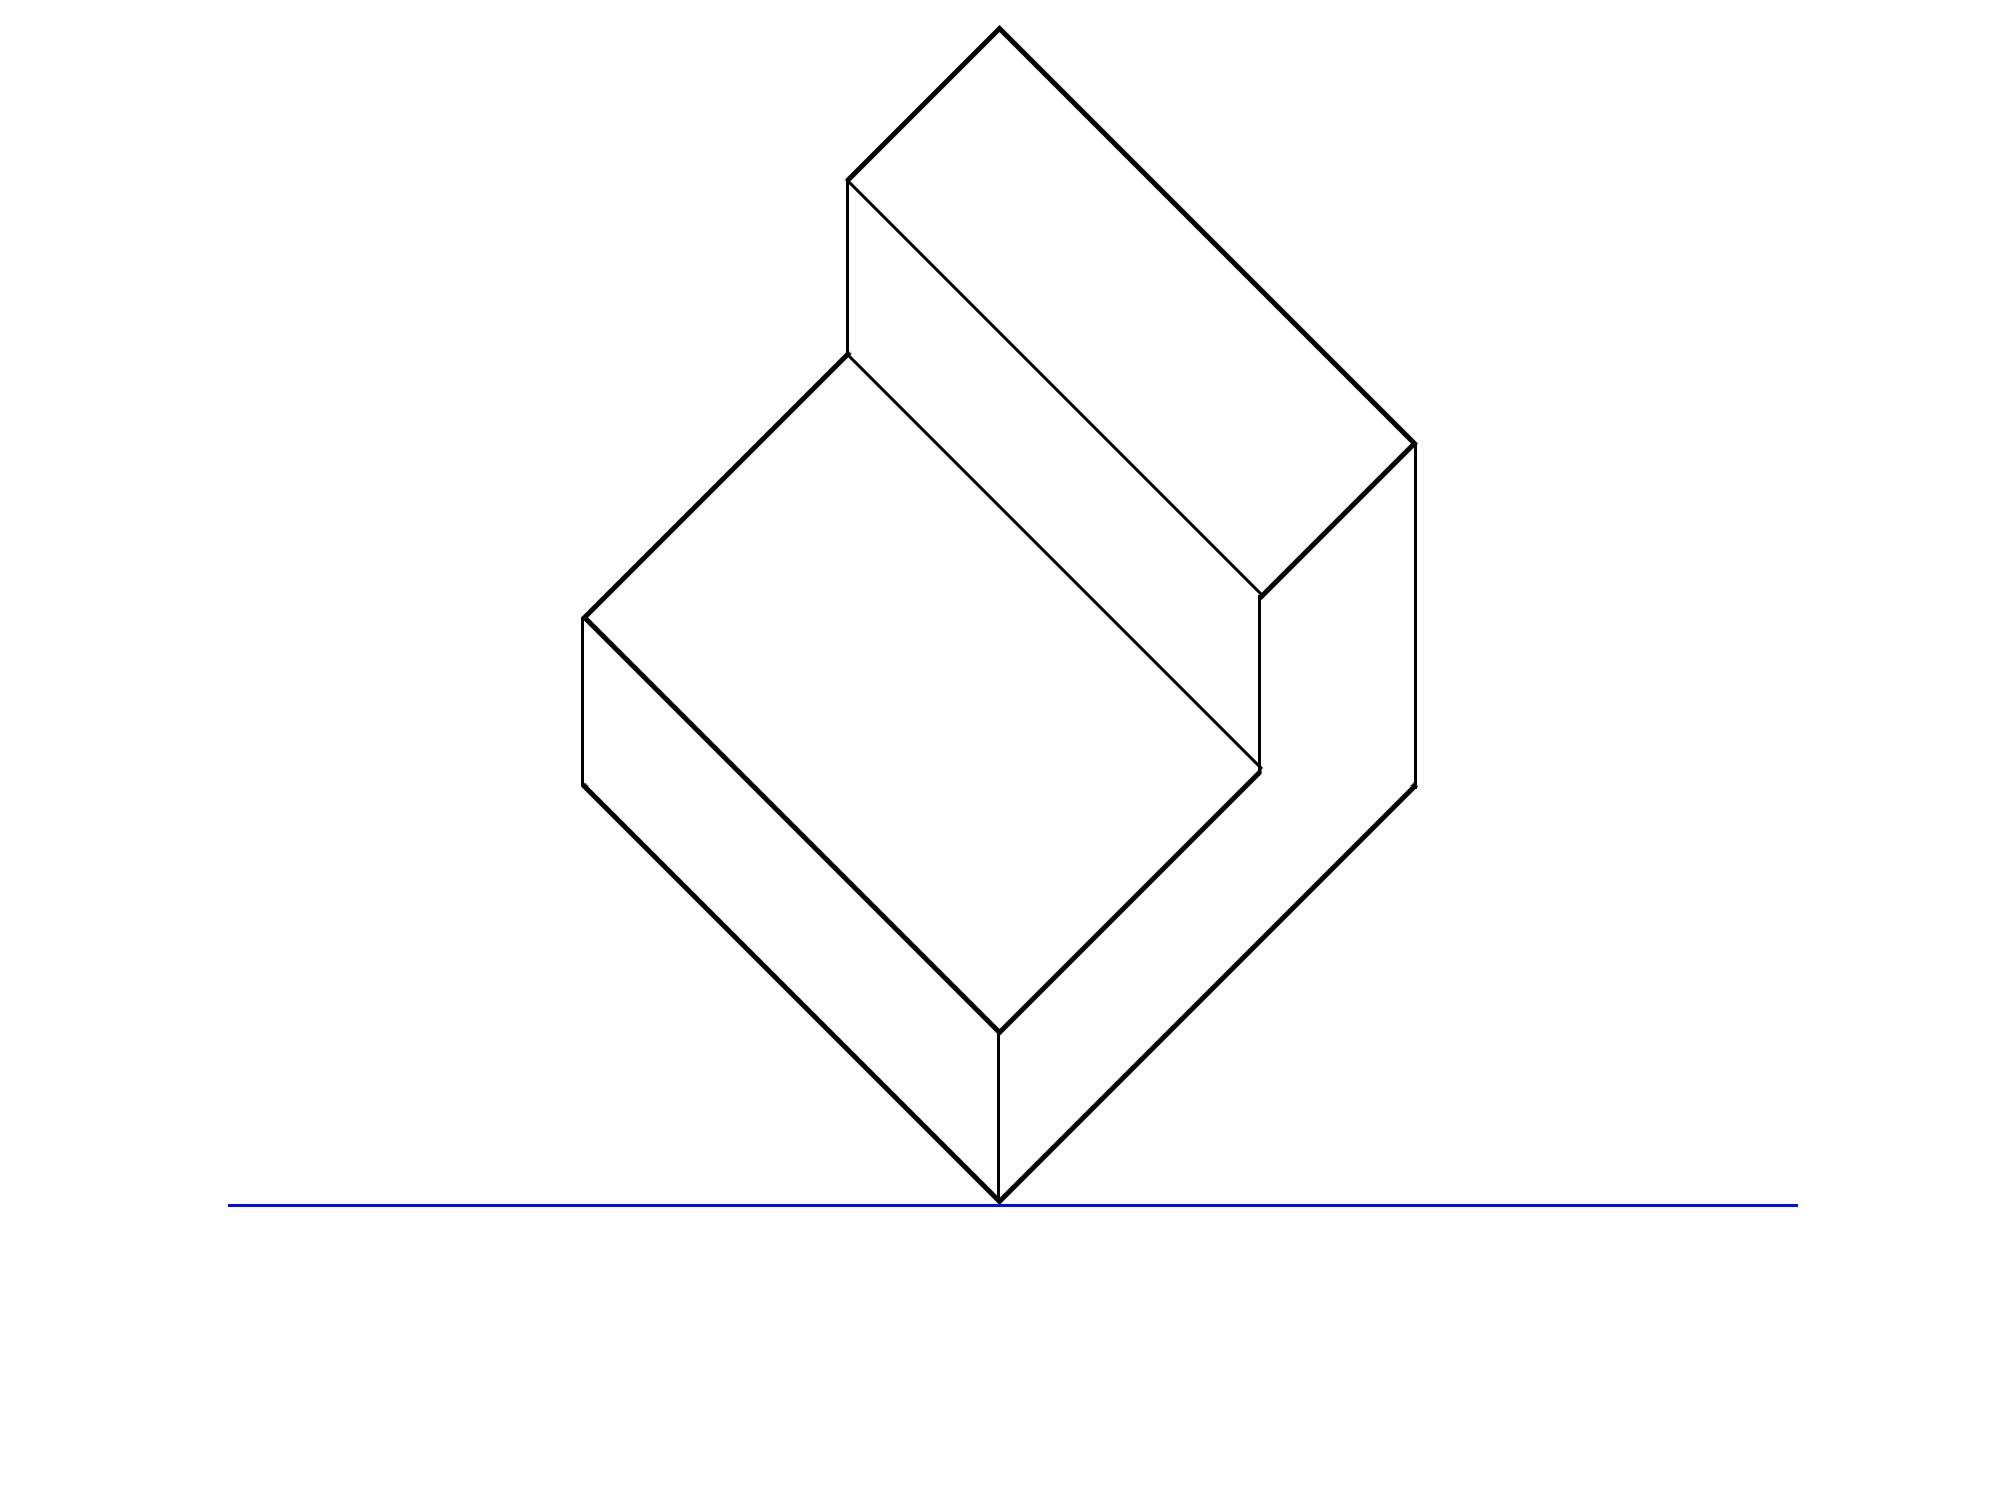 傾斜平面図とは